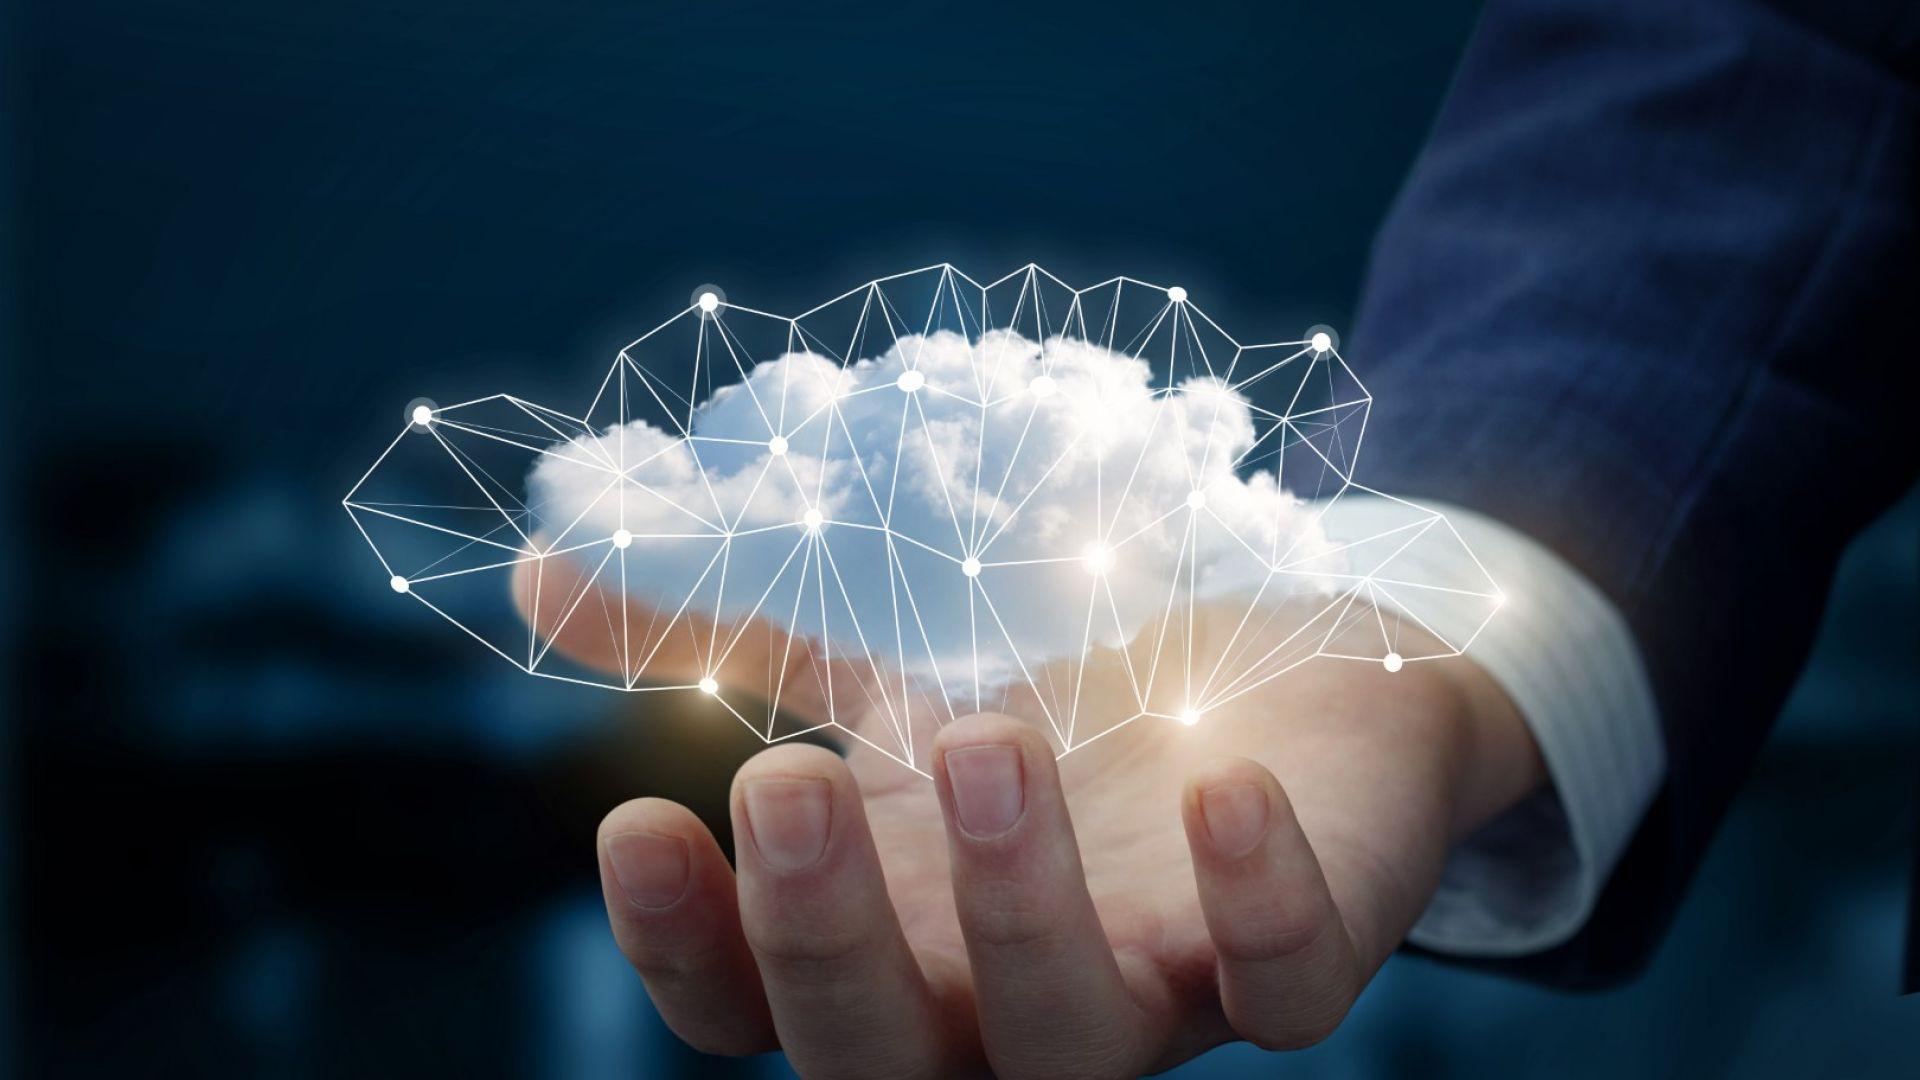 Когато съхранямате данните си в облак е възможно друг да има достъп до тях, предупреждават скептиците